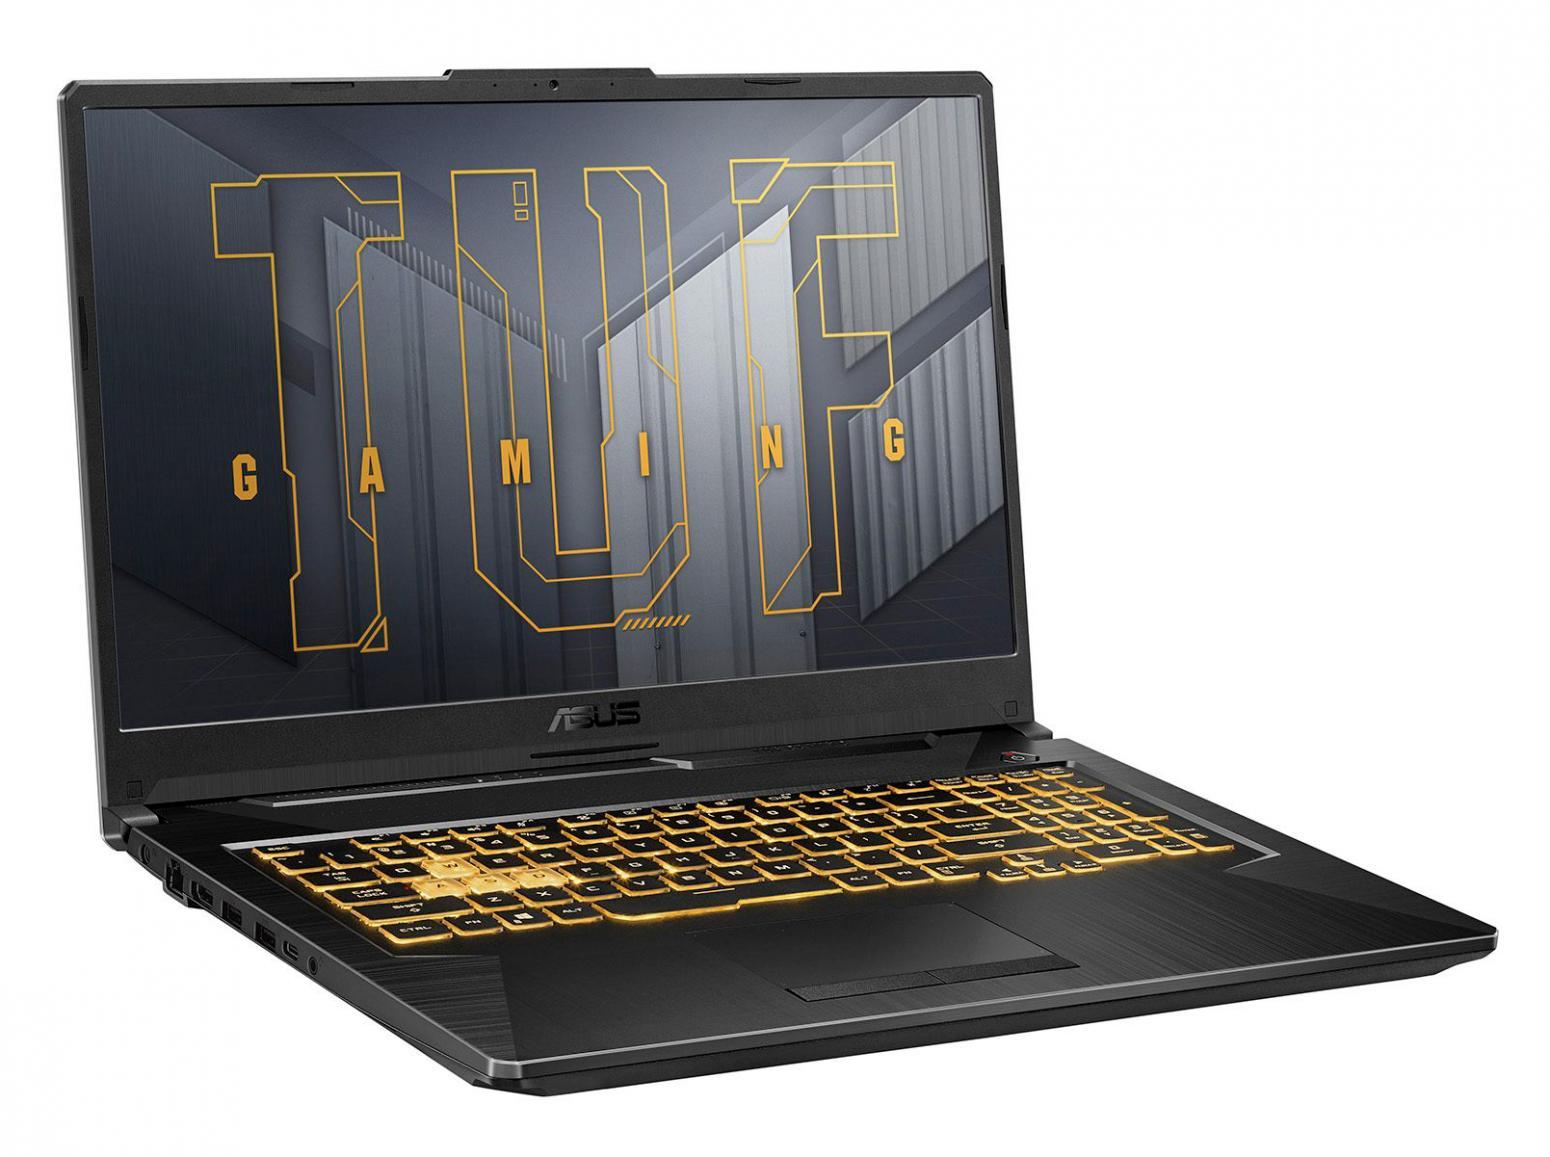 Image du PC portable Asus A17 TUF766HC-HX001T Noir - RTX 3050, 144Hz